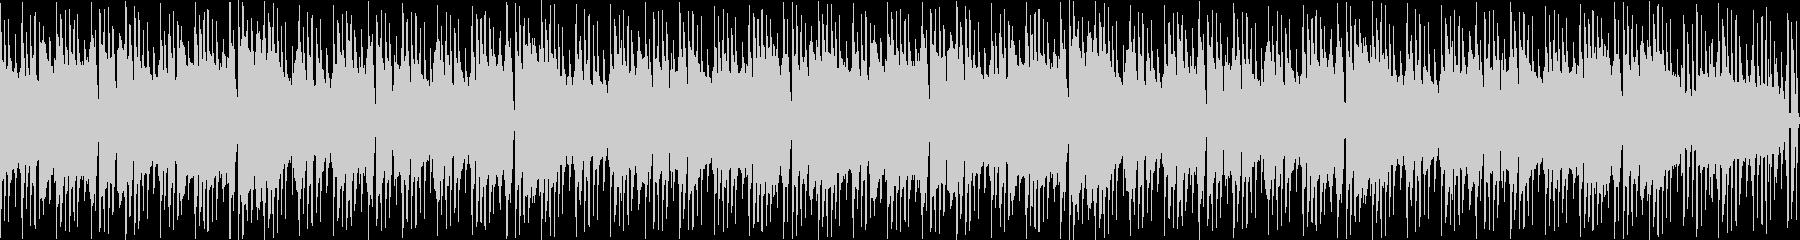 ループ可能なピアノロックの未再生の波形